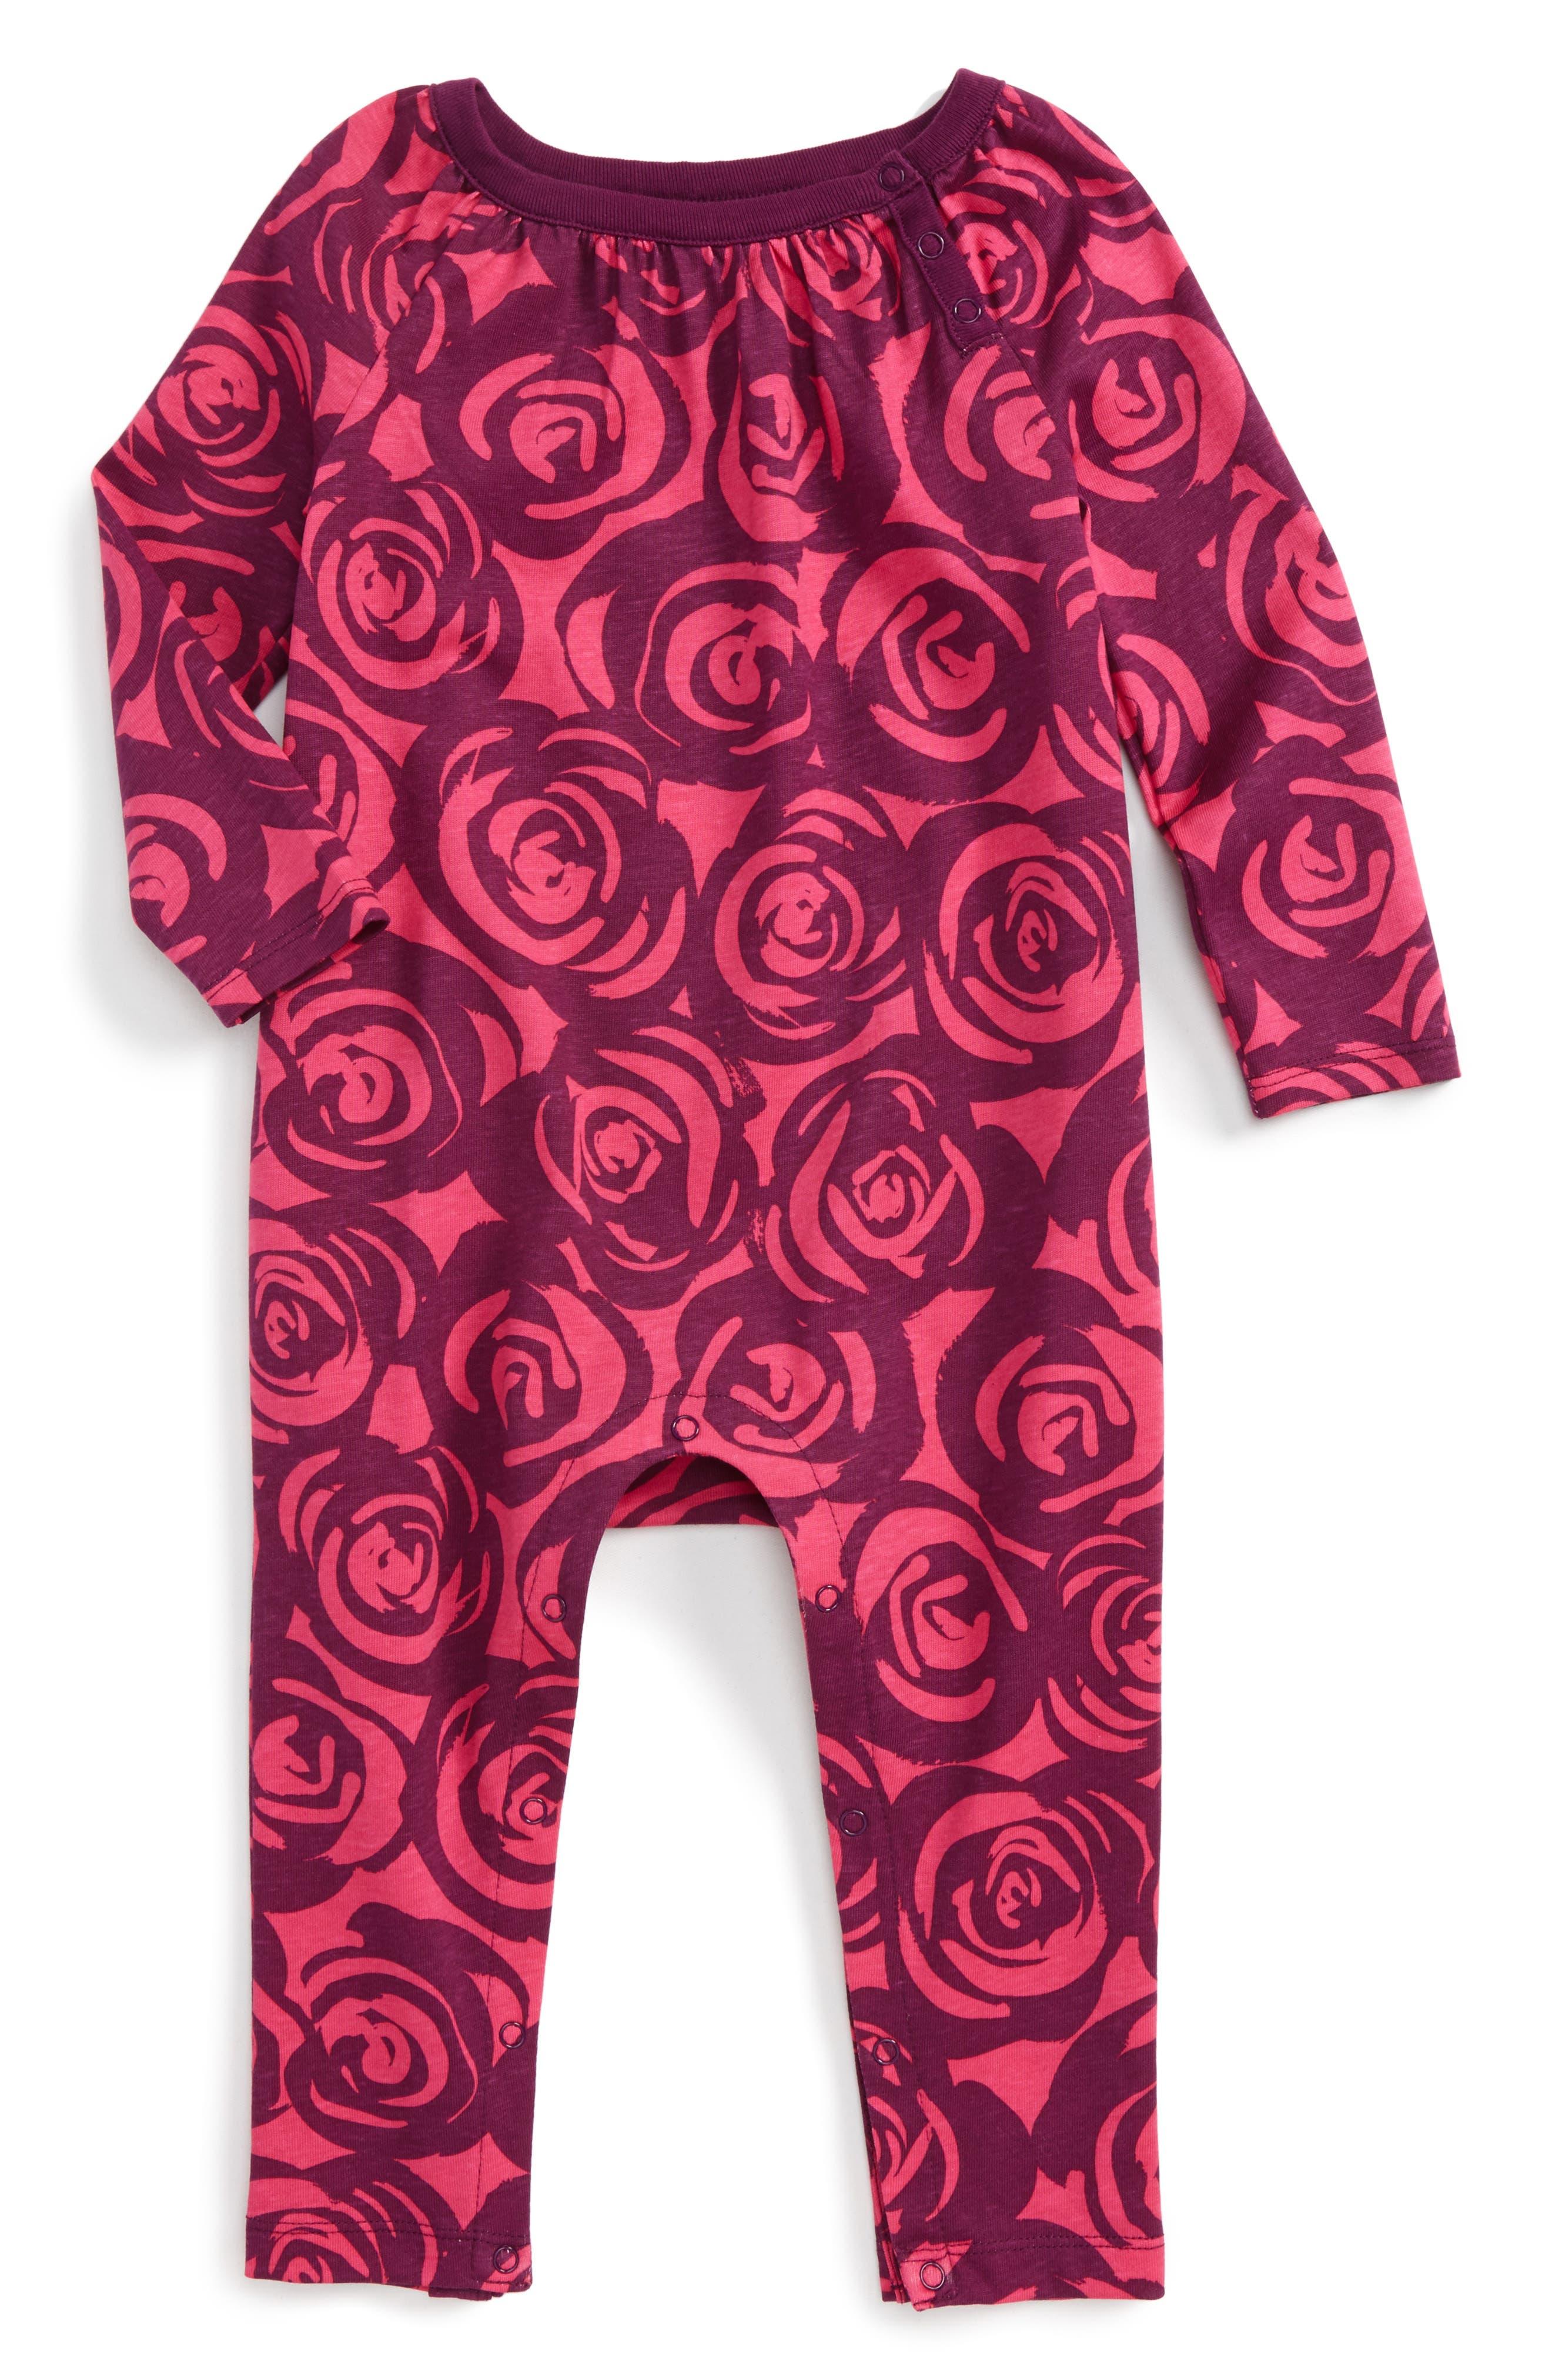 Tea Collection Rennie Rose Romper (Baby Girls)